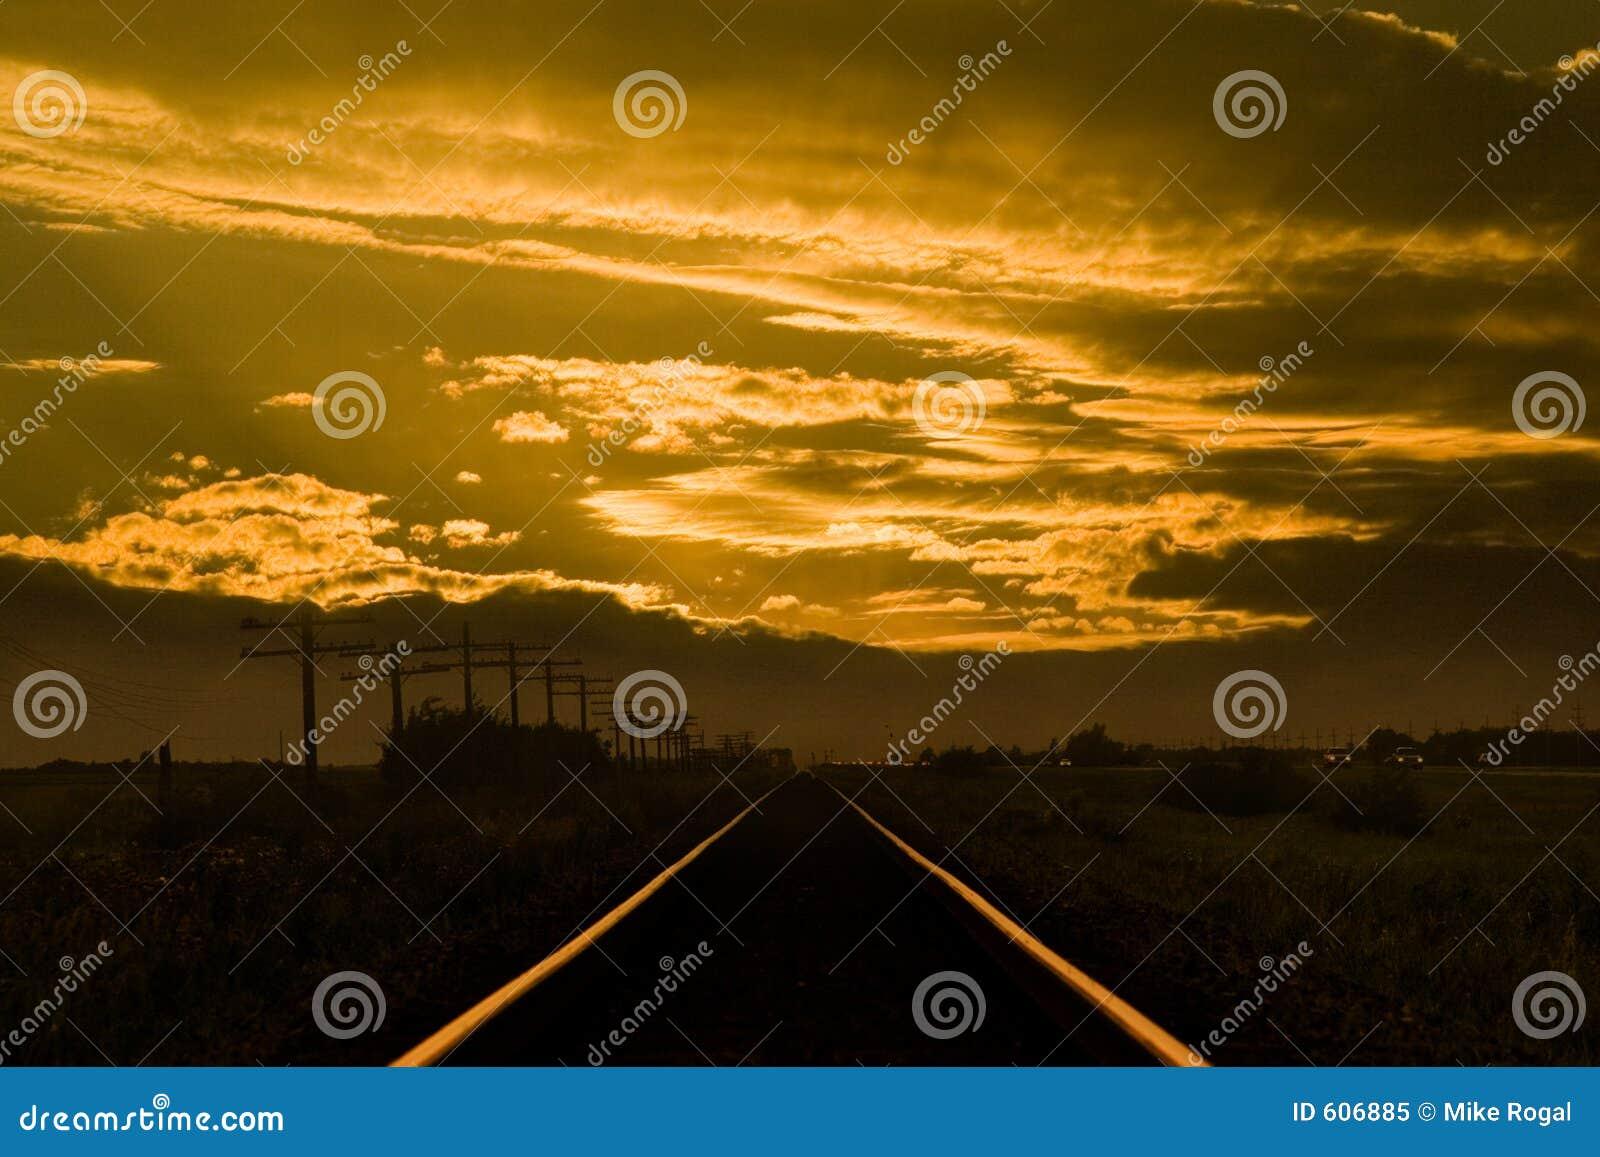 De treinsporen van de zonsondergang